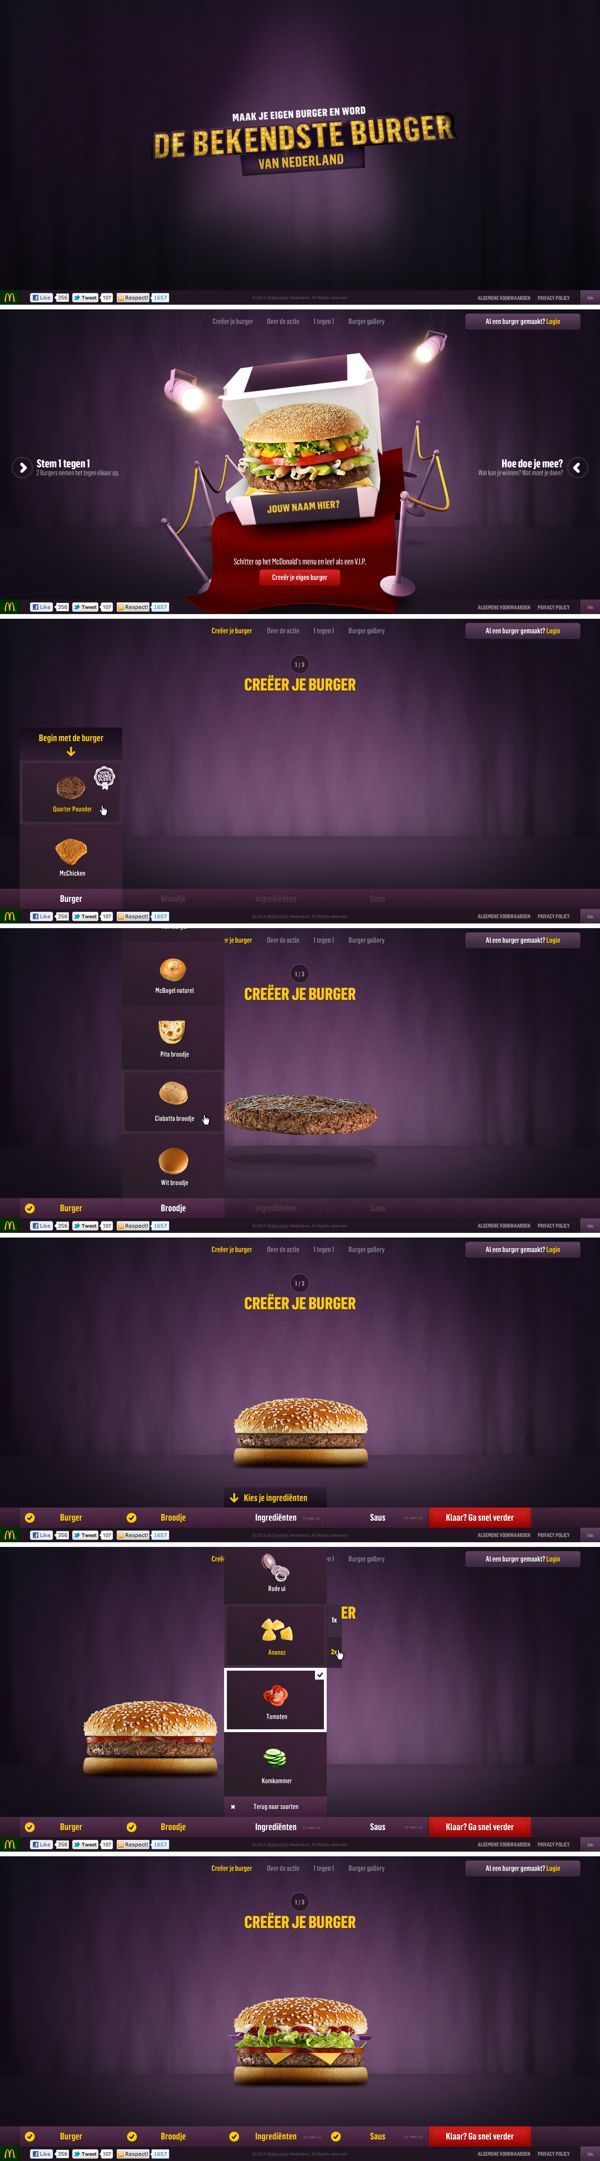 McDonald's - De Bekendste Burger van Nederland on Behance